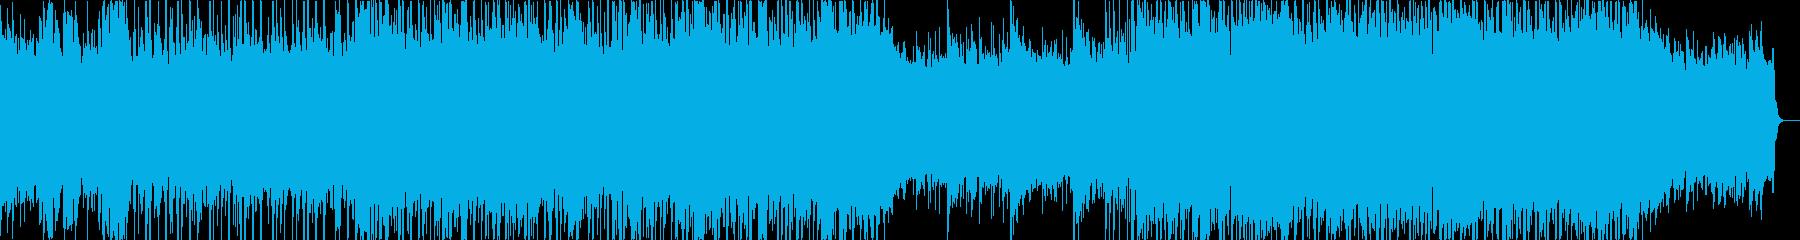 スラップベースとエレキ、ブルースロックの再生済みの波形